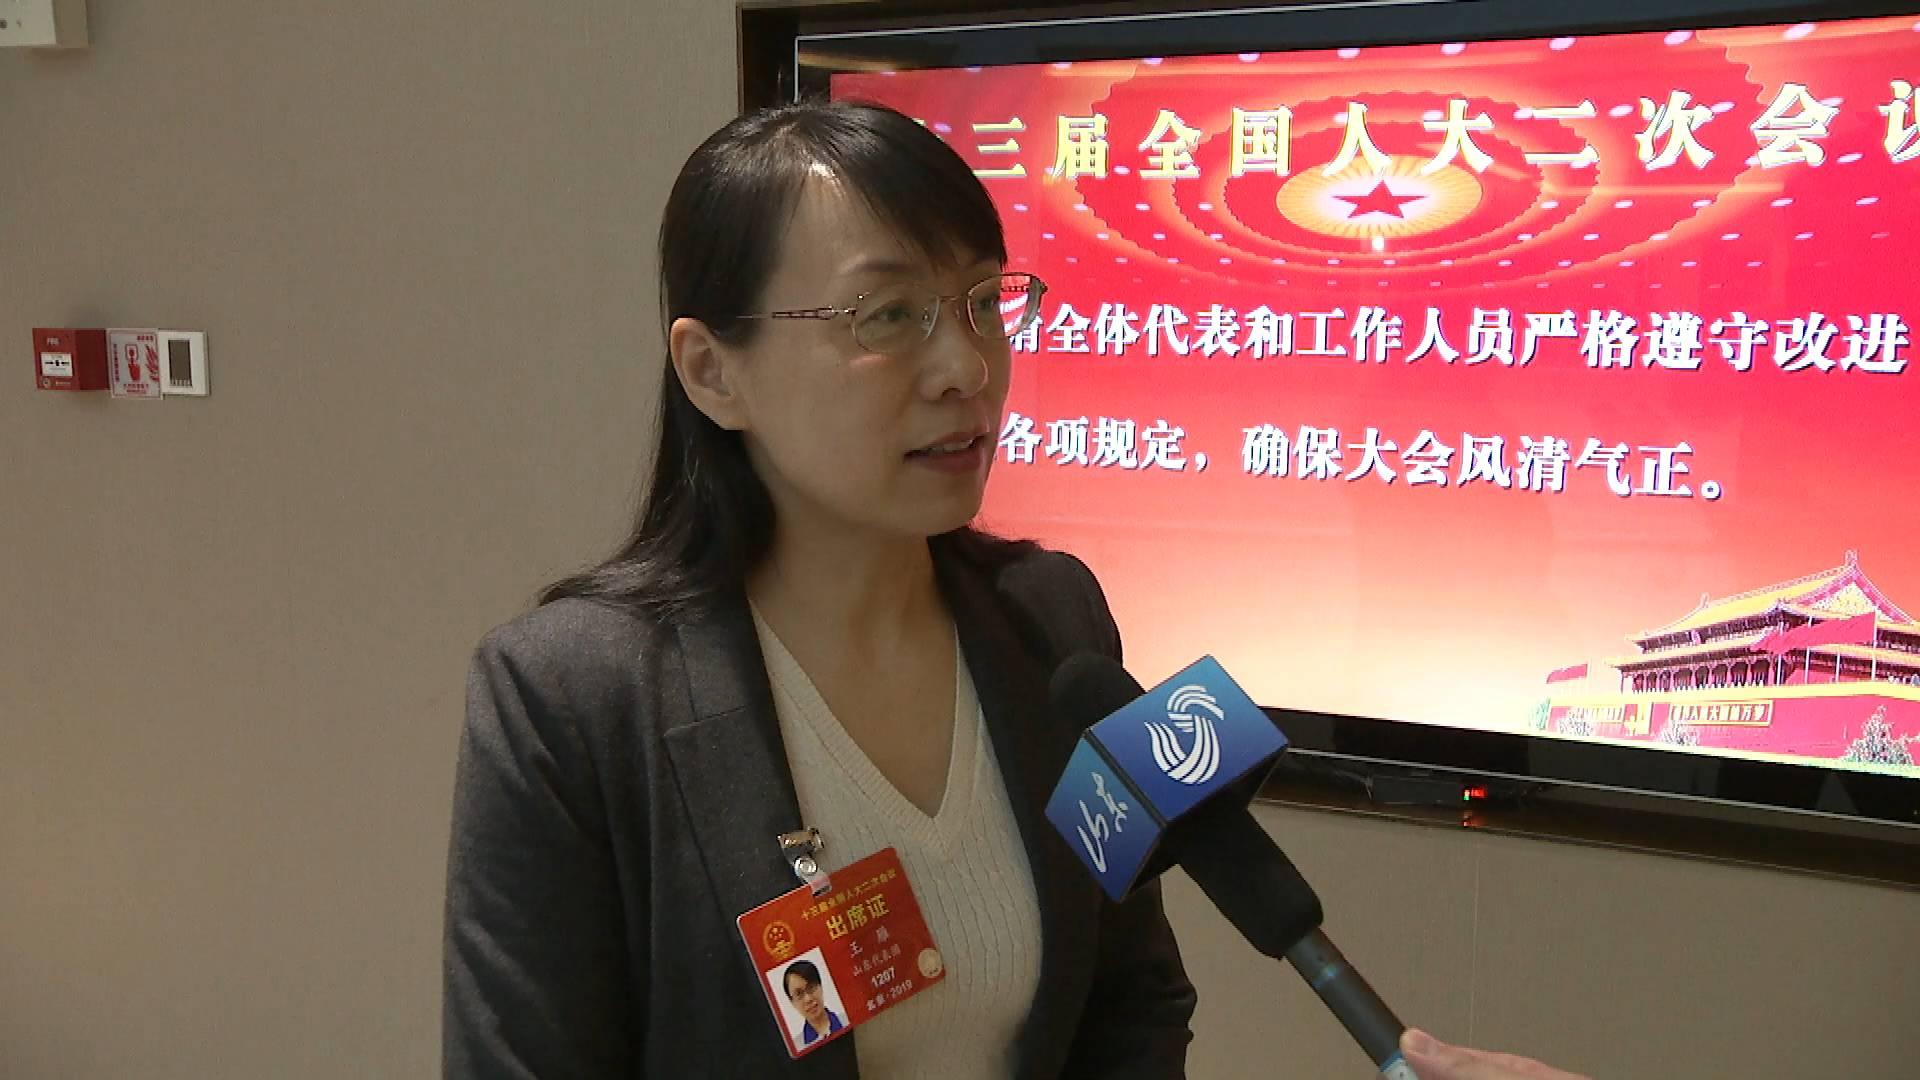 全国人大代表王雁谈为基层减负:这是顺应民心的务实之举